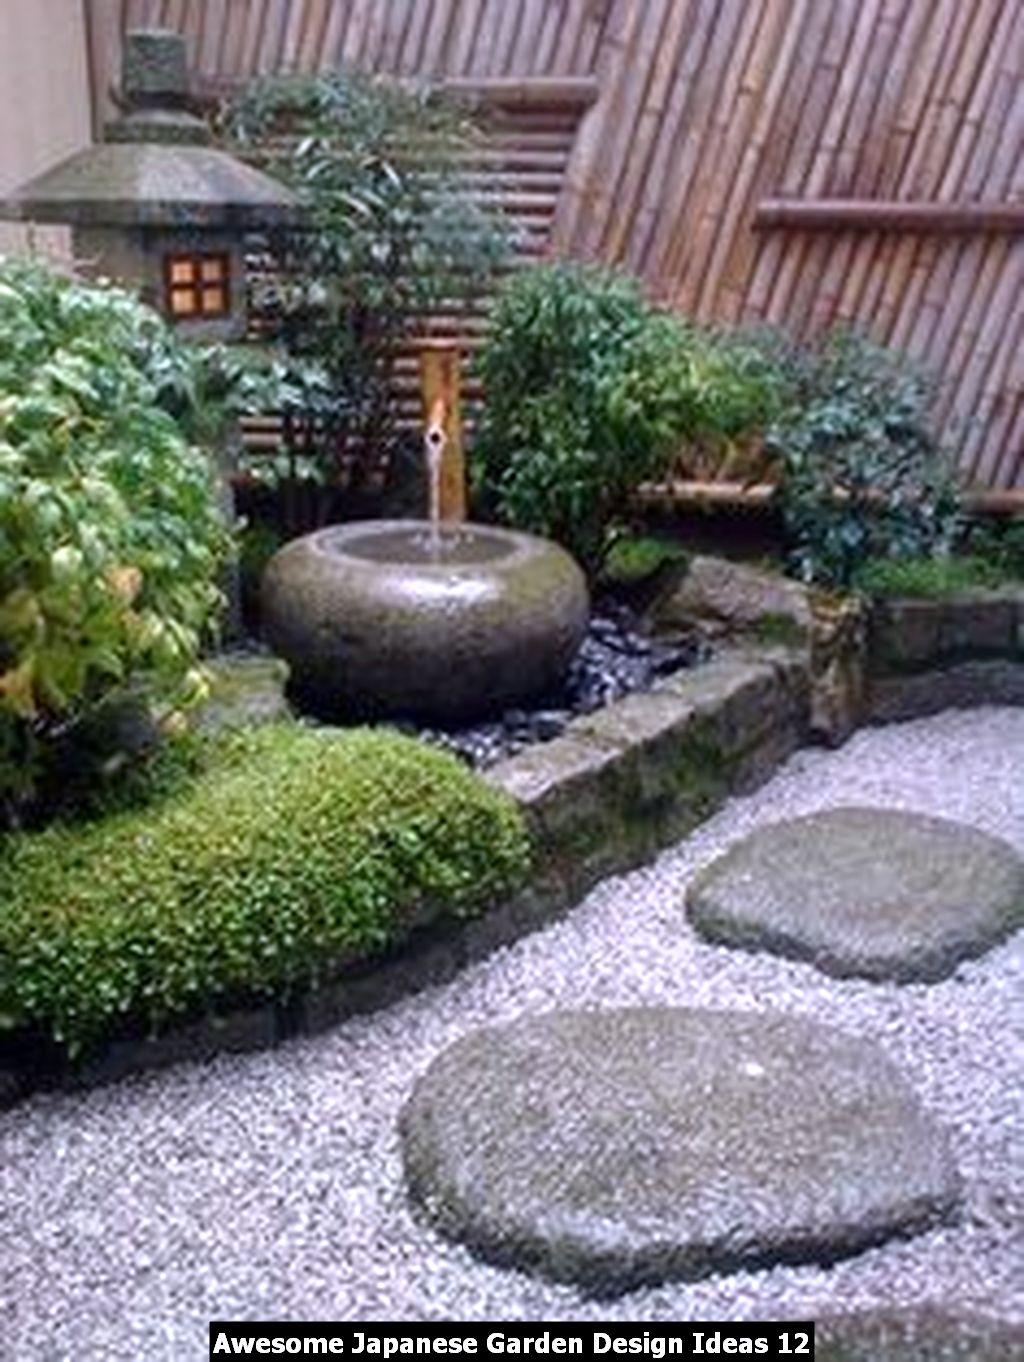 Awesome Japanese Garden Design Ideas 12